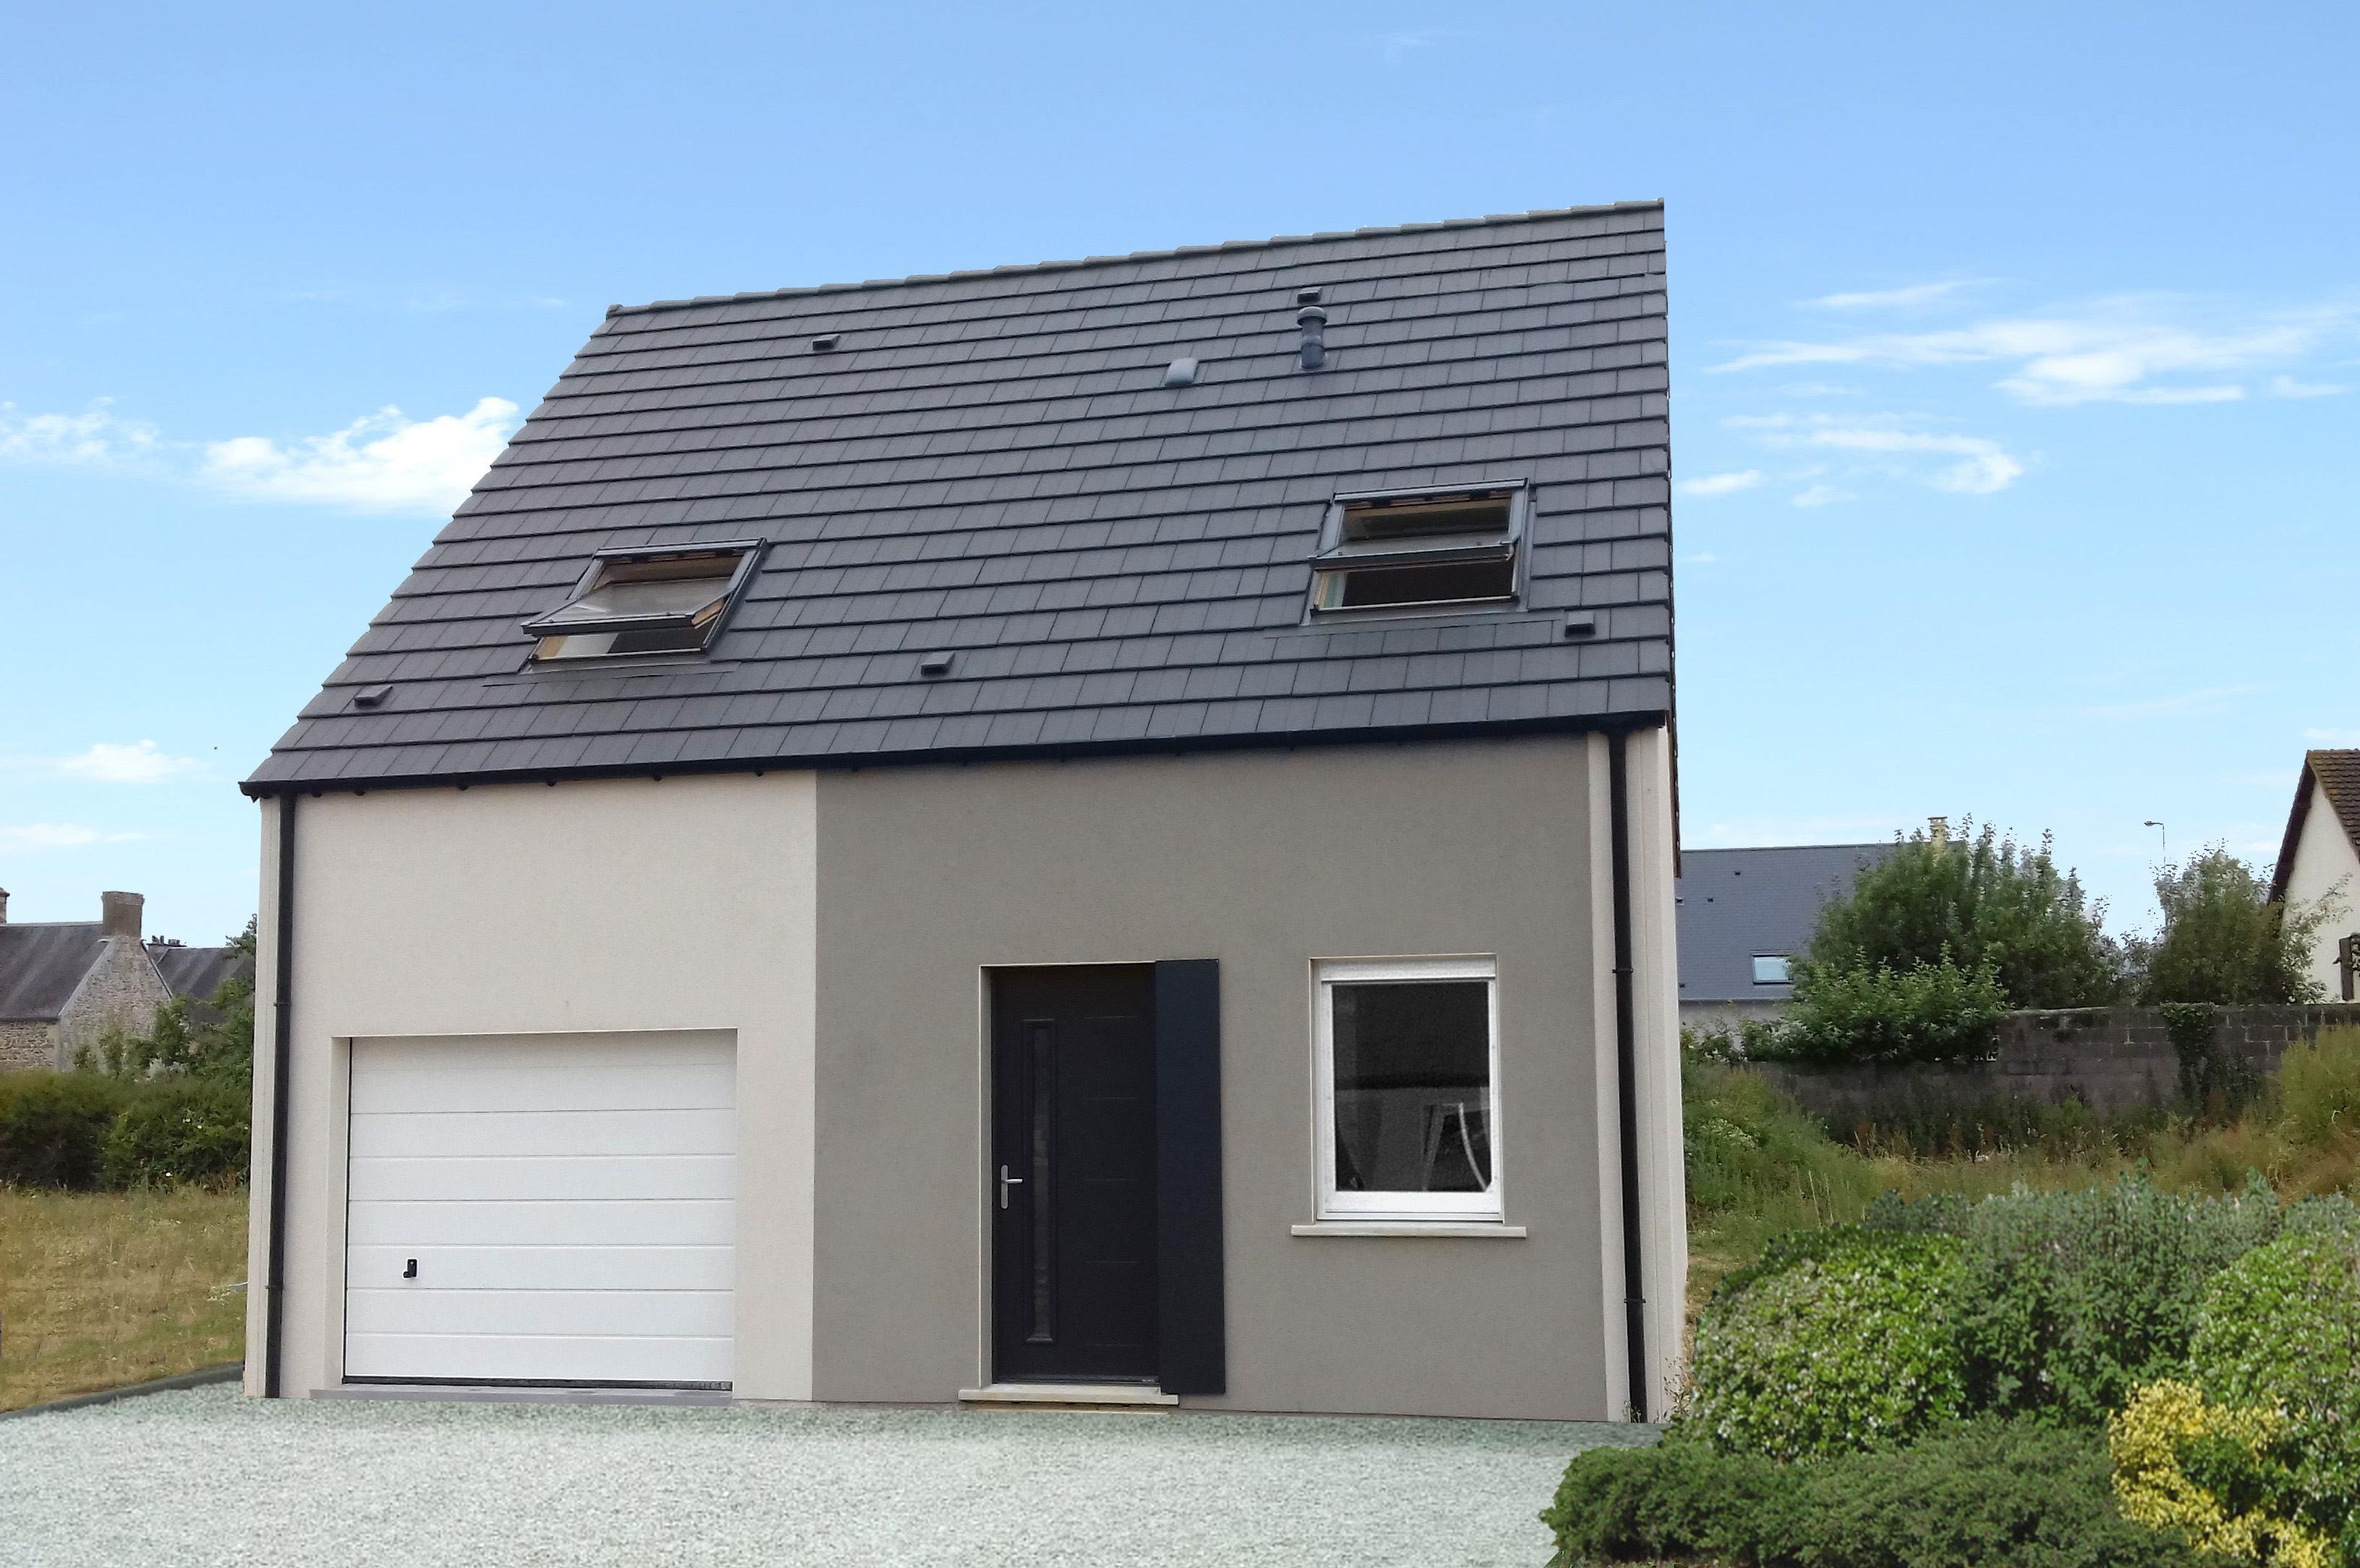 Maisons + Terrains du constructeur MAISONS PHENIX • 83 m² • CHALONNES SUR LOIRE